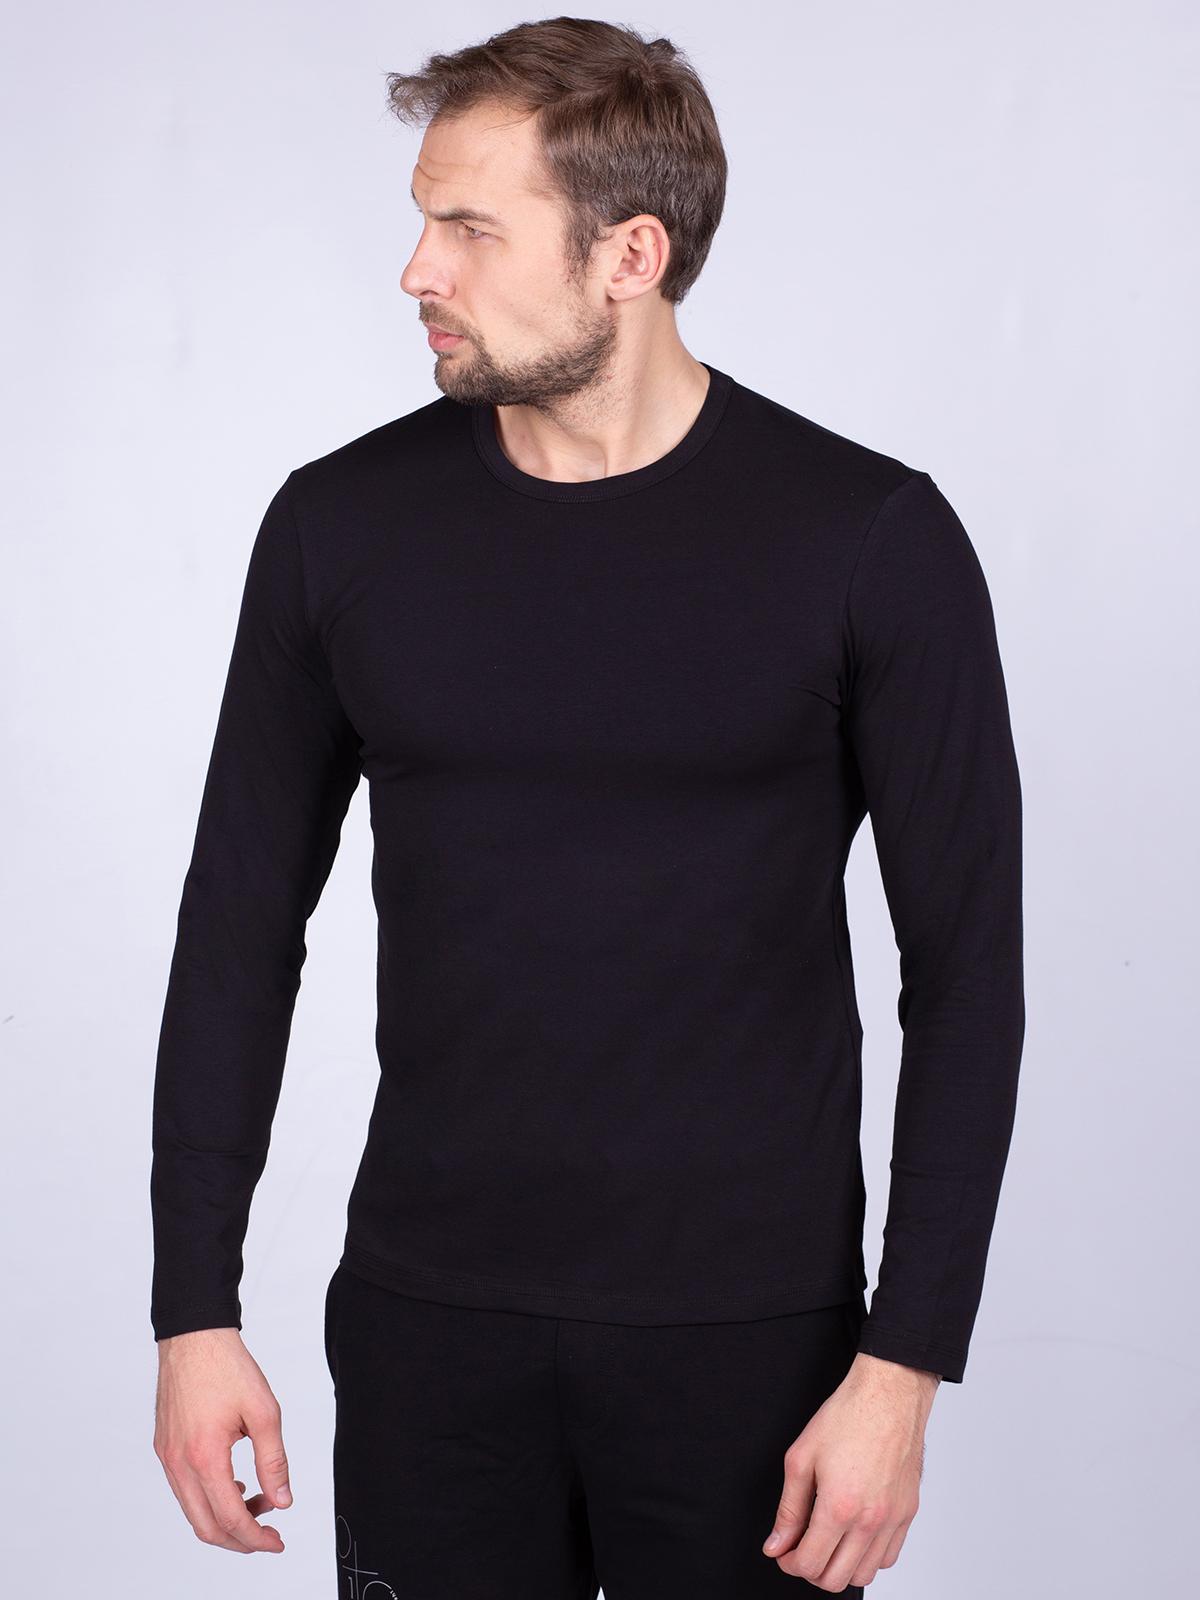 Что такое лонгслив (long sleeve) в одежде | womendays